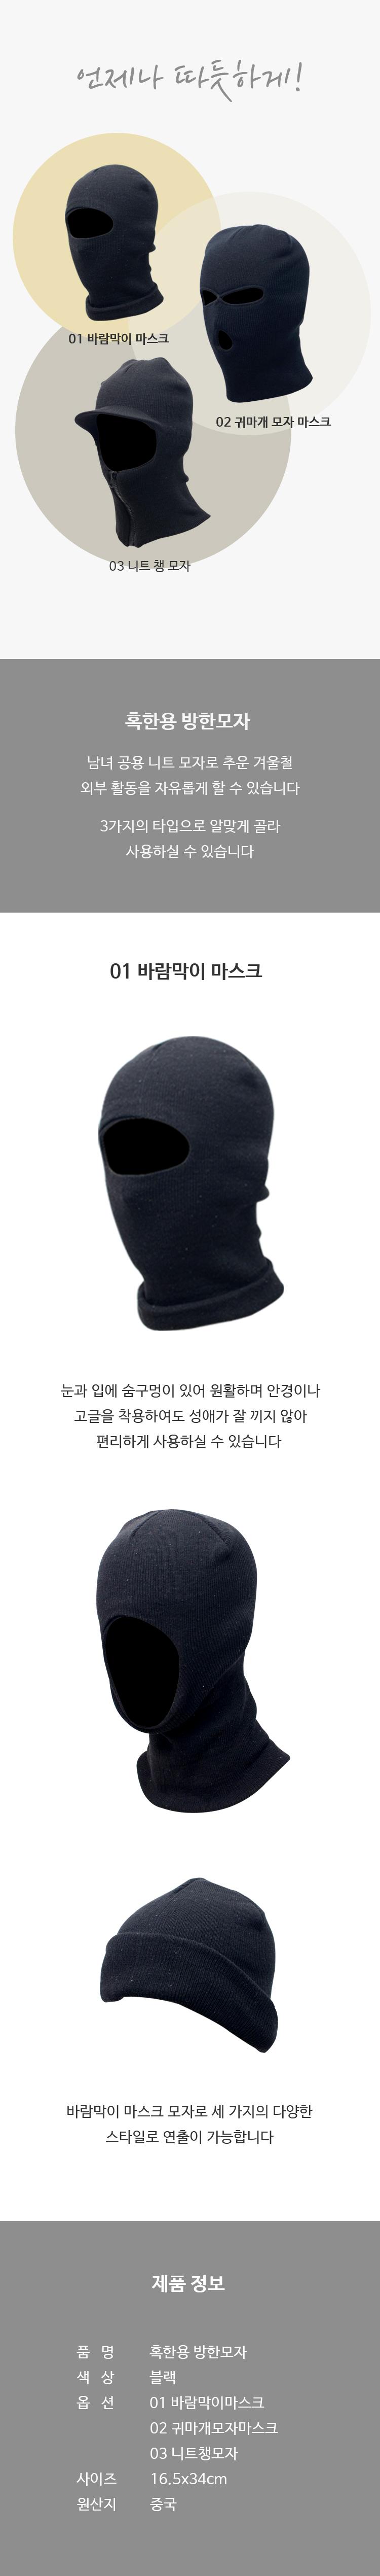 바람막이마스크 1cap 혹한기용 - 쿠닌, 8,600원, 모자, 비니/털모자